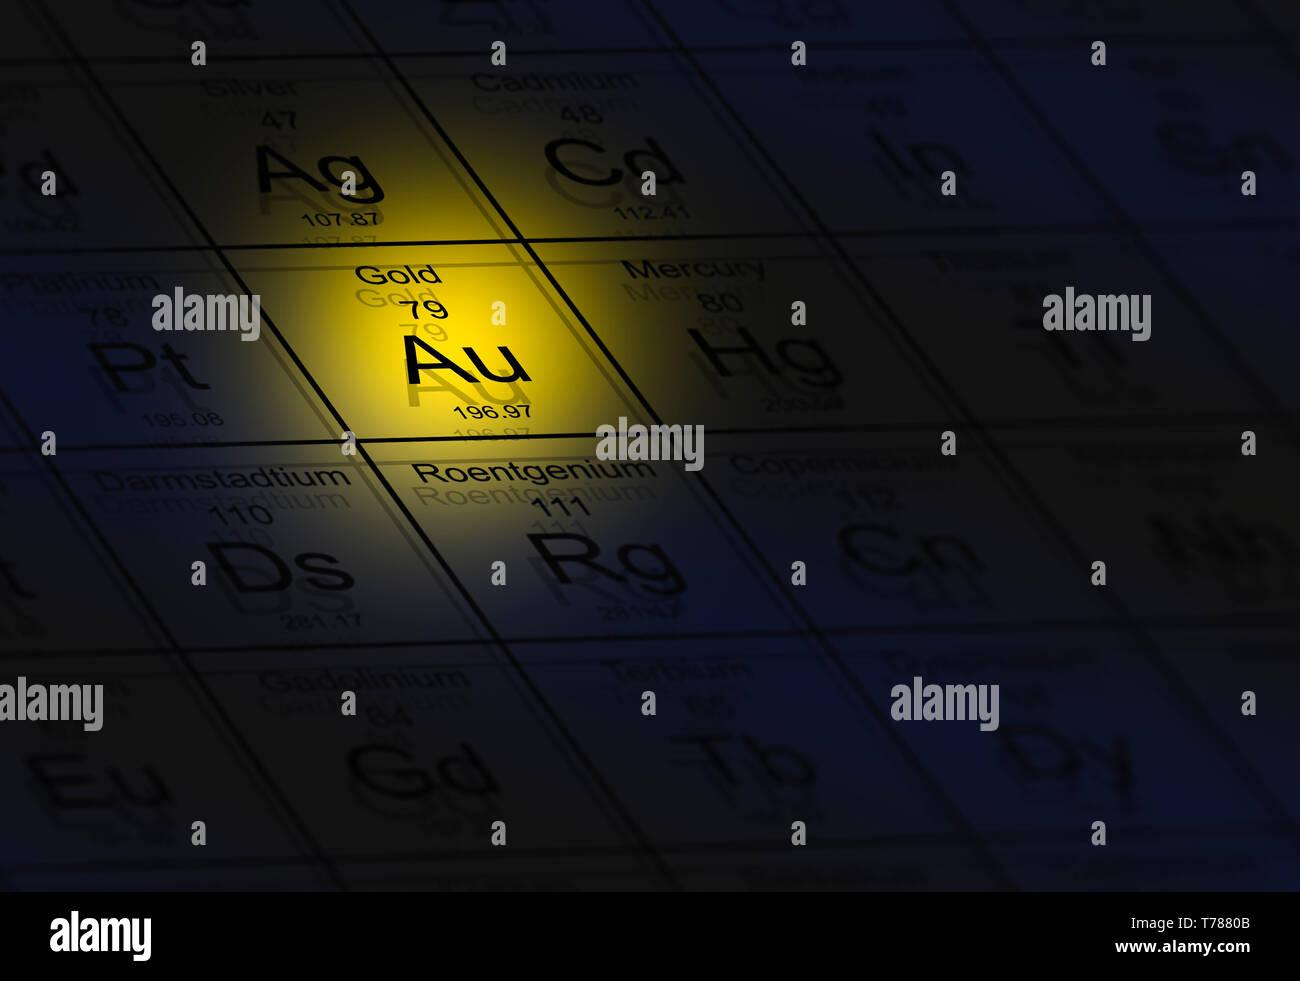 L'élément chimique de l'or (AU) en surbrillance dans le tableau périodique des éléments. Photo Stock